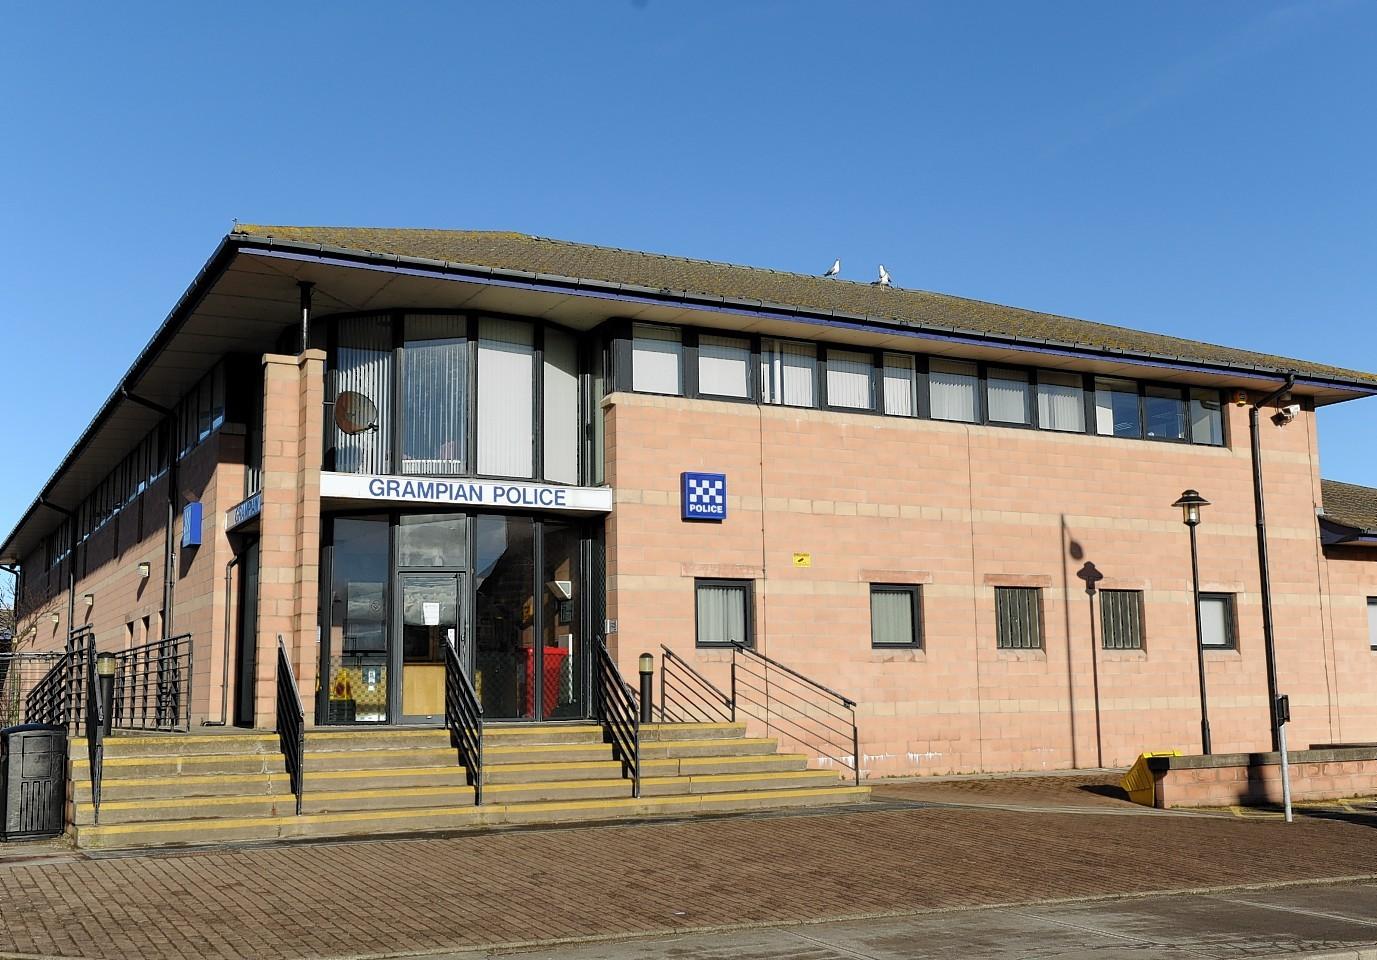 Fraserburgh Police Station